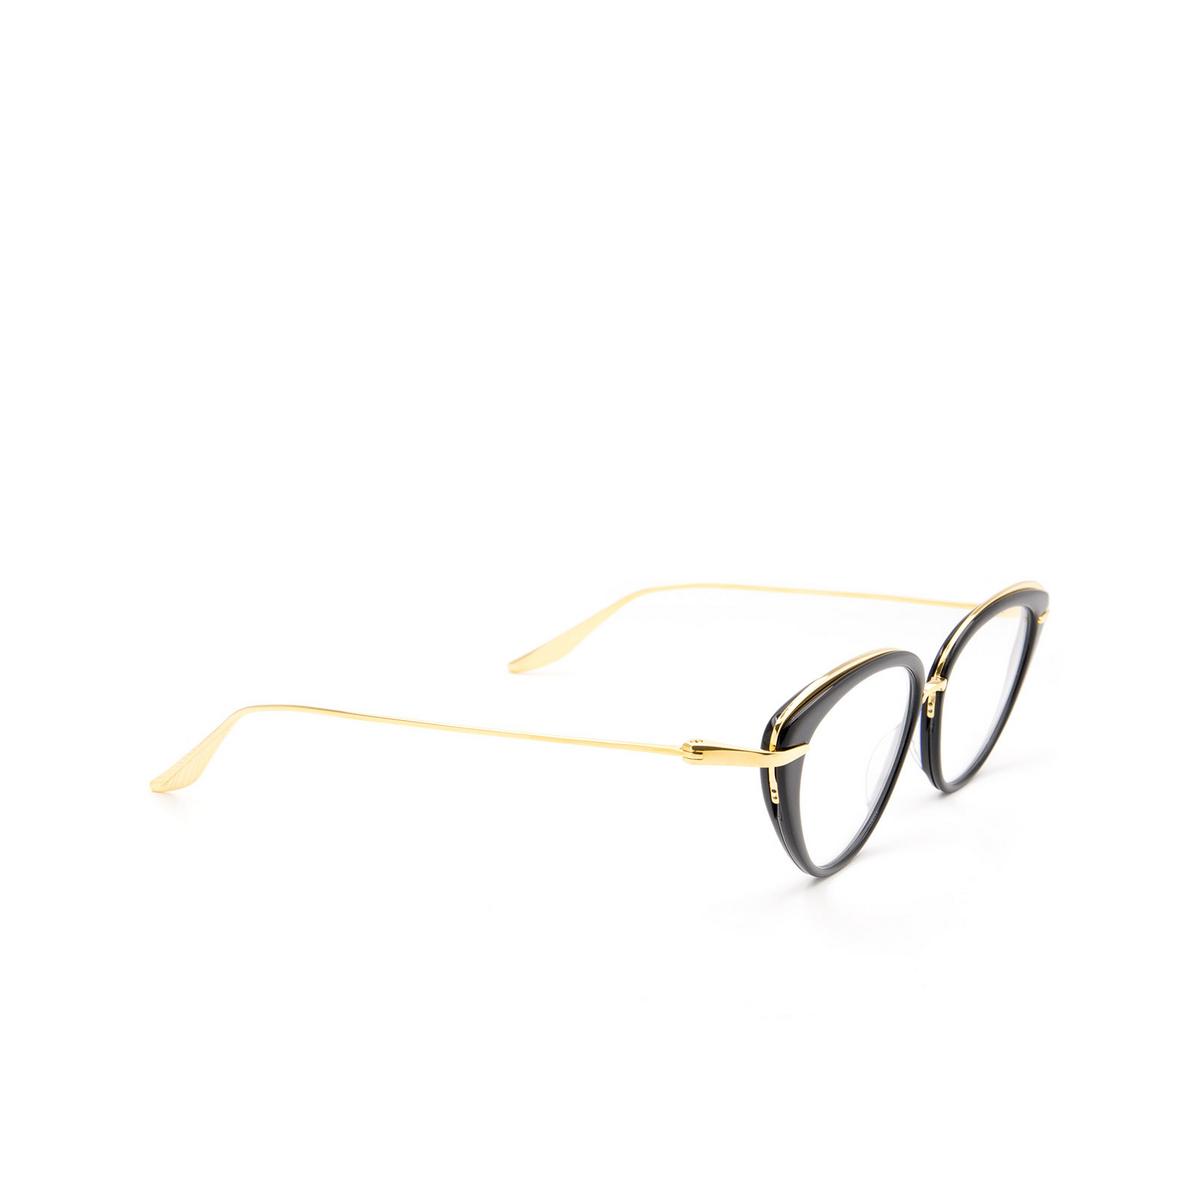 Dita® Cat-eye Eyeglasses: DTX517 color Blk-gld.